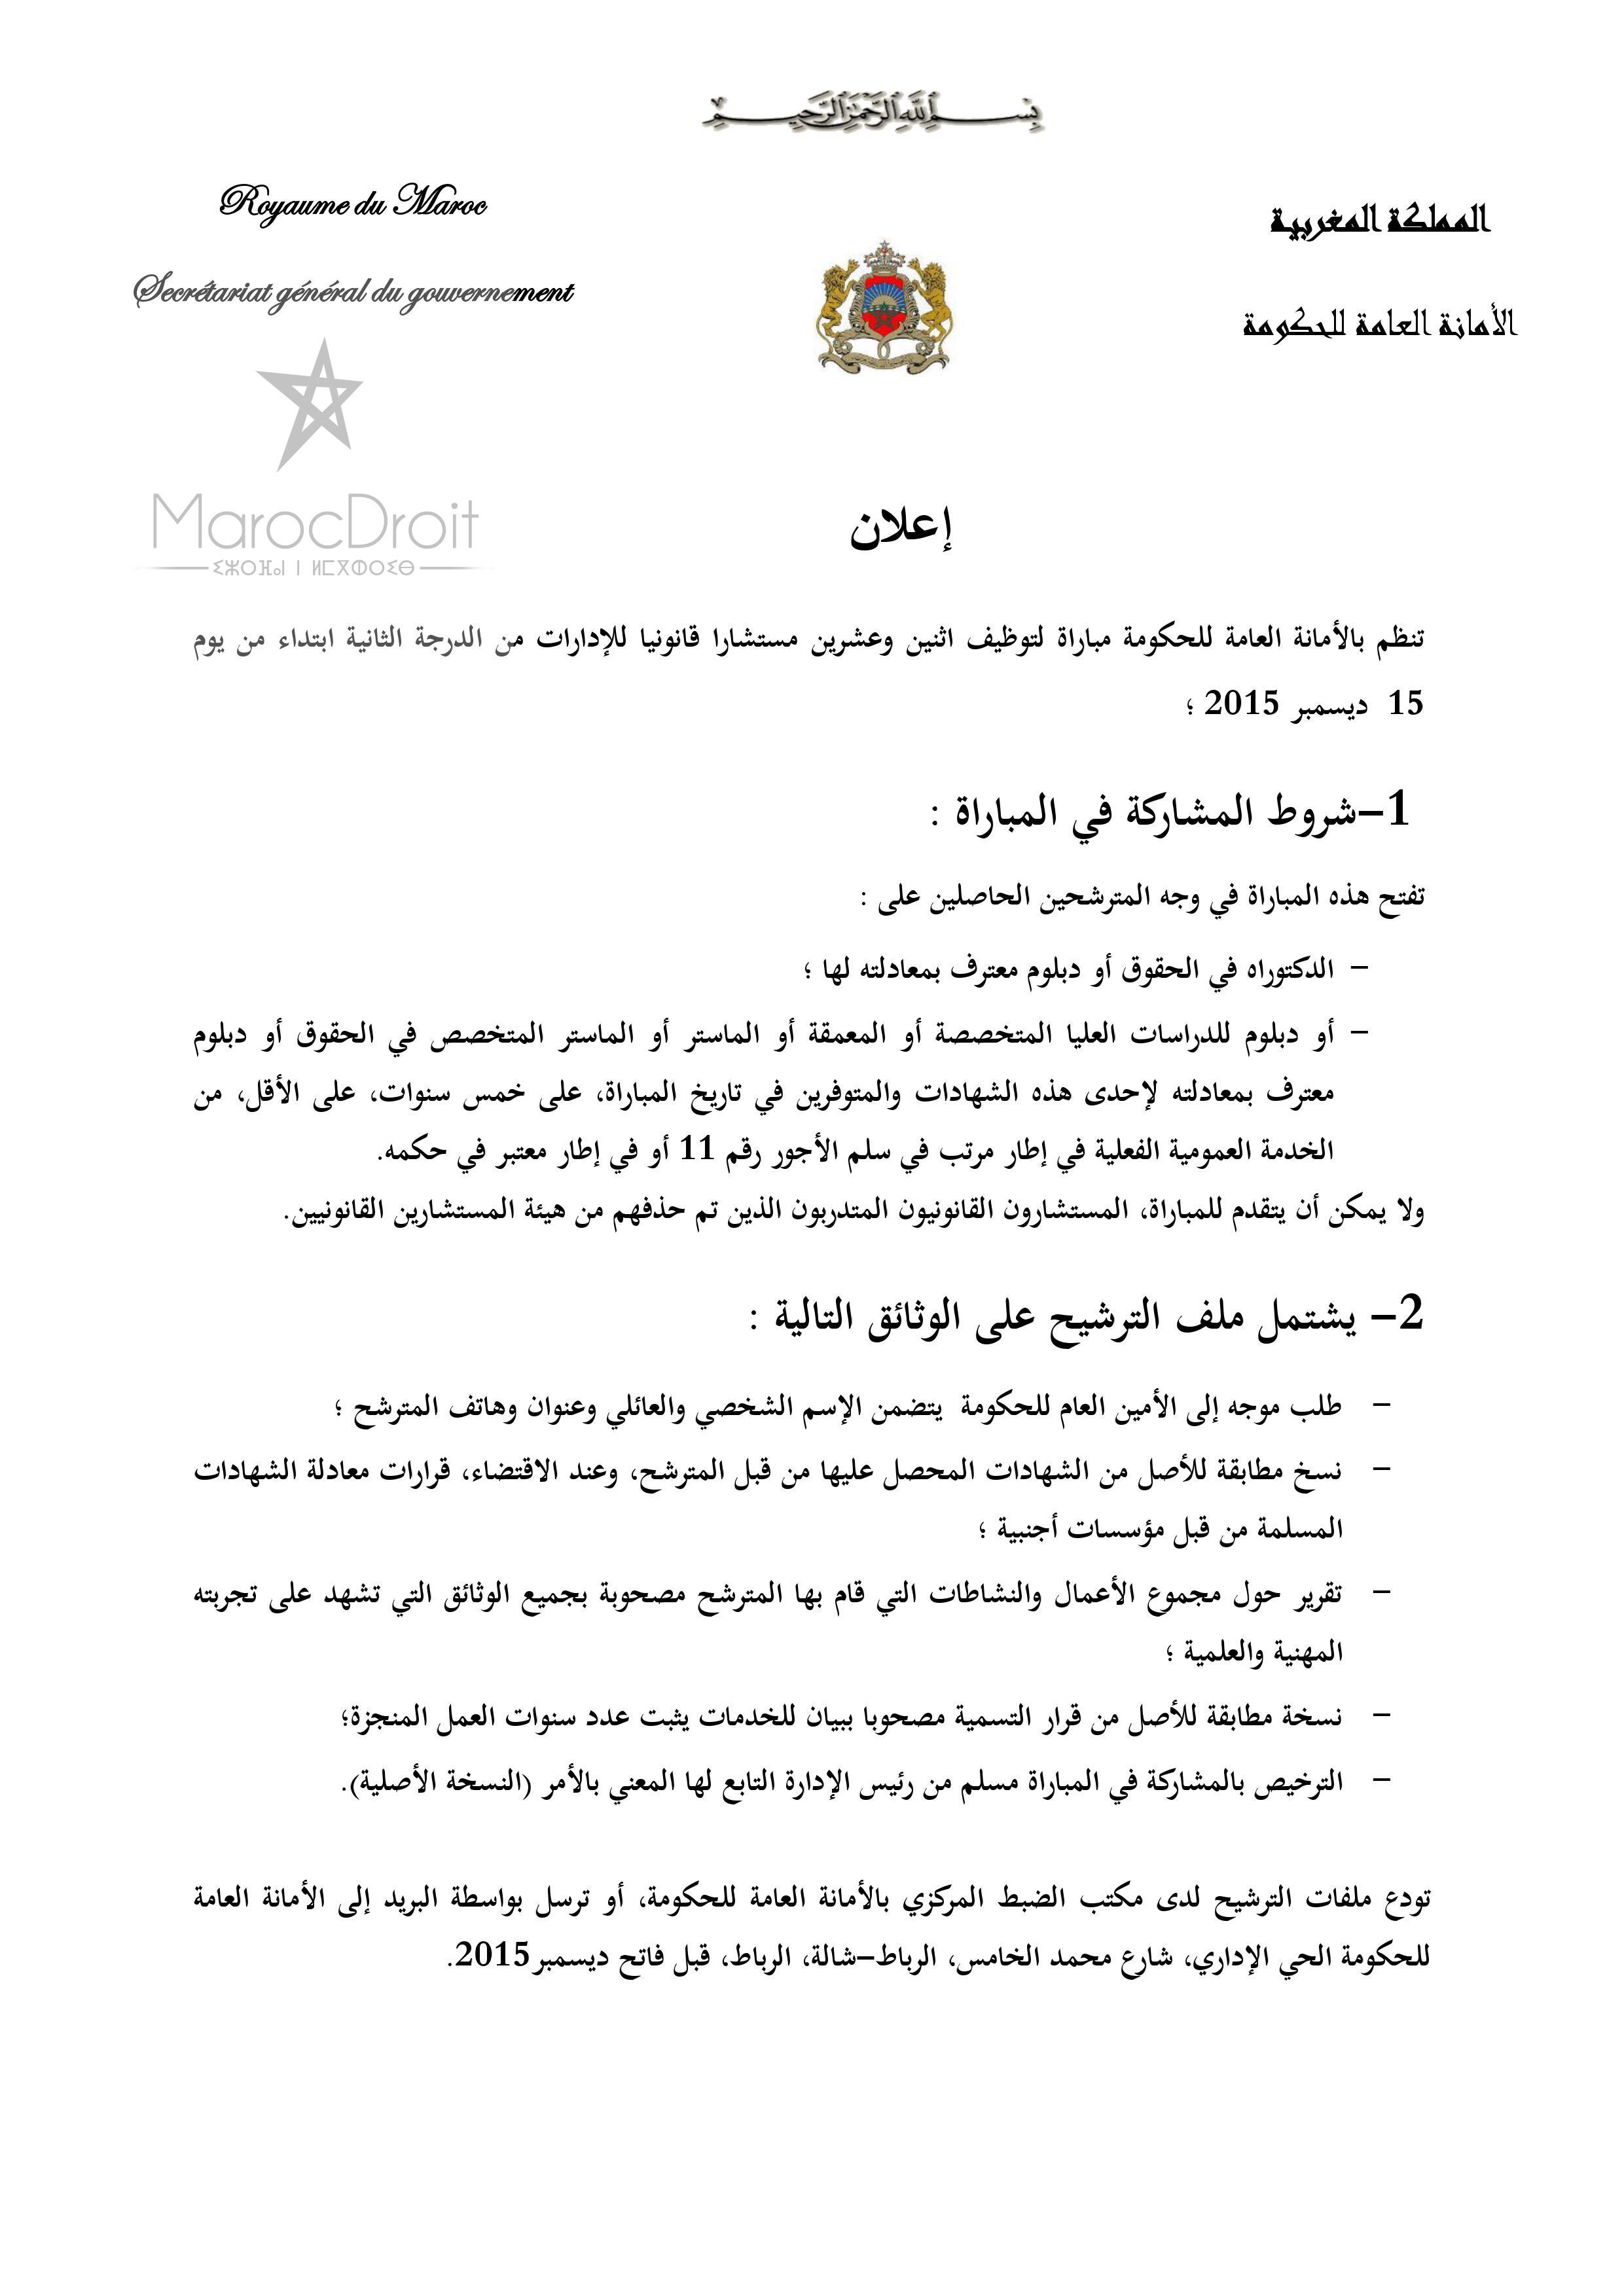 تعلن الأمانة العامة للحكومة عن إجراء مباراة لتوظيف اثنين وعشرين مستشارا قانونيا للإدارات من الدرجة الثانية  - آخر أجل فاتح ديسمبر 2015